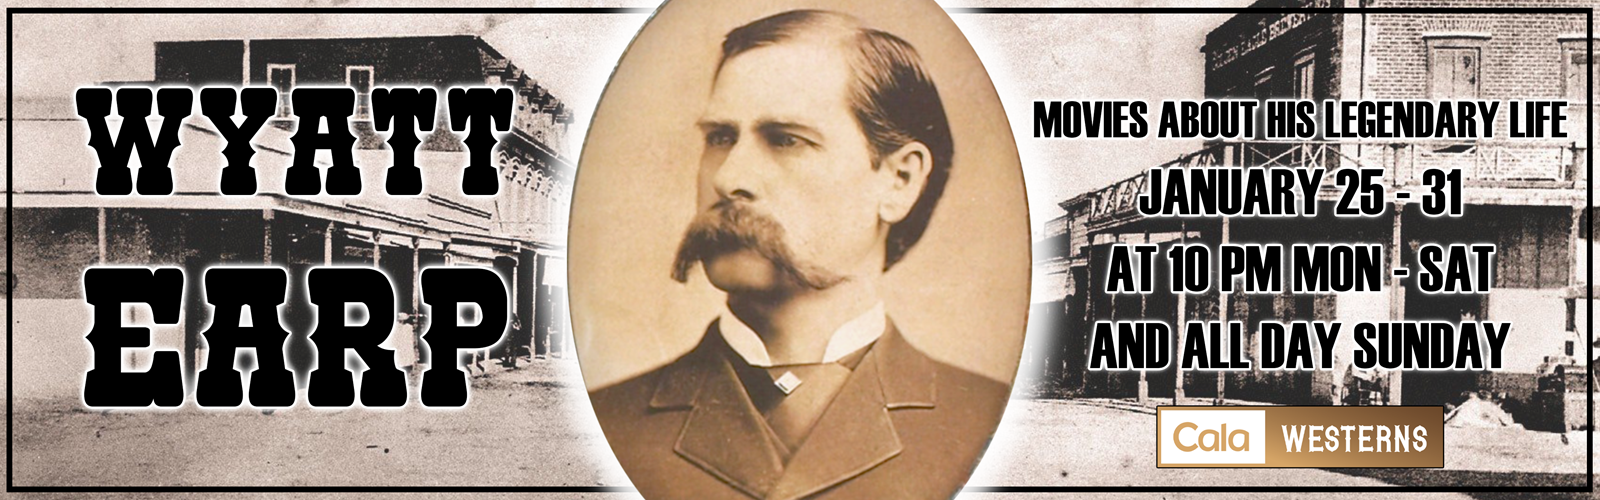 Wyatt Earp Web Banner Image